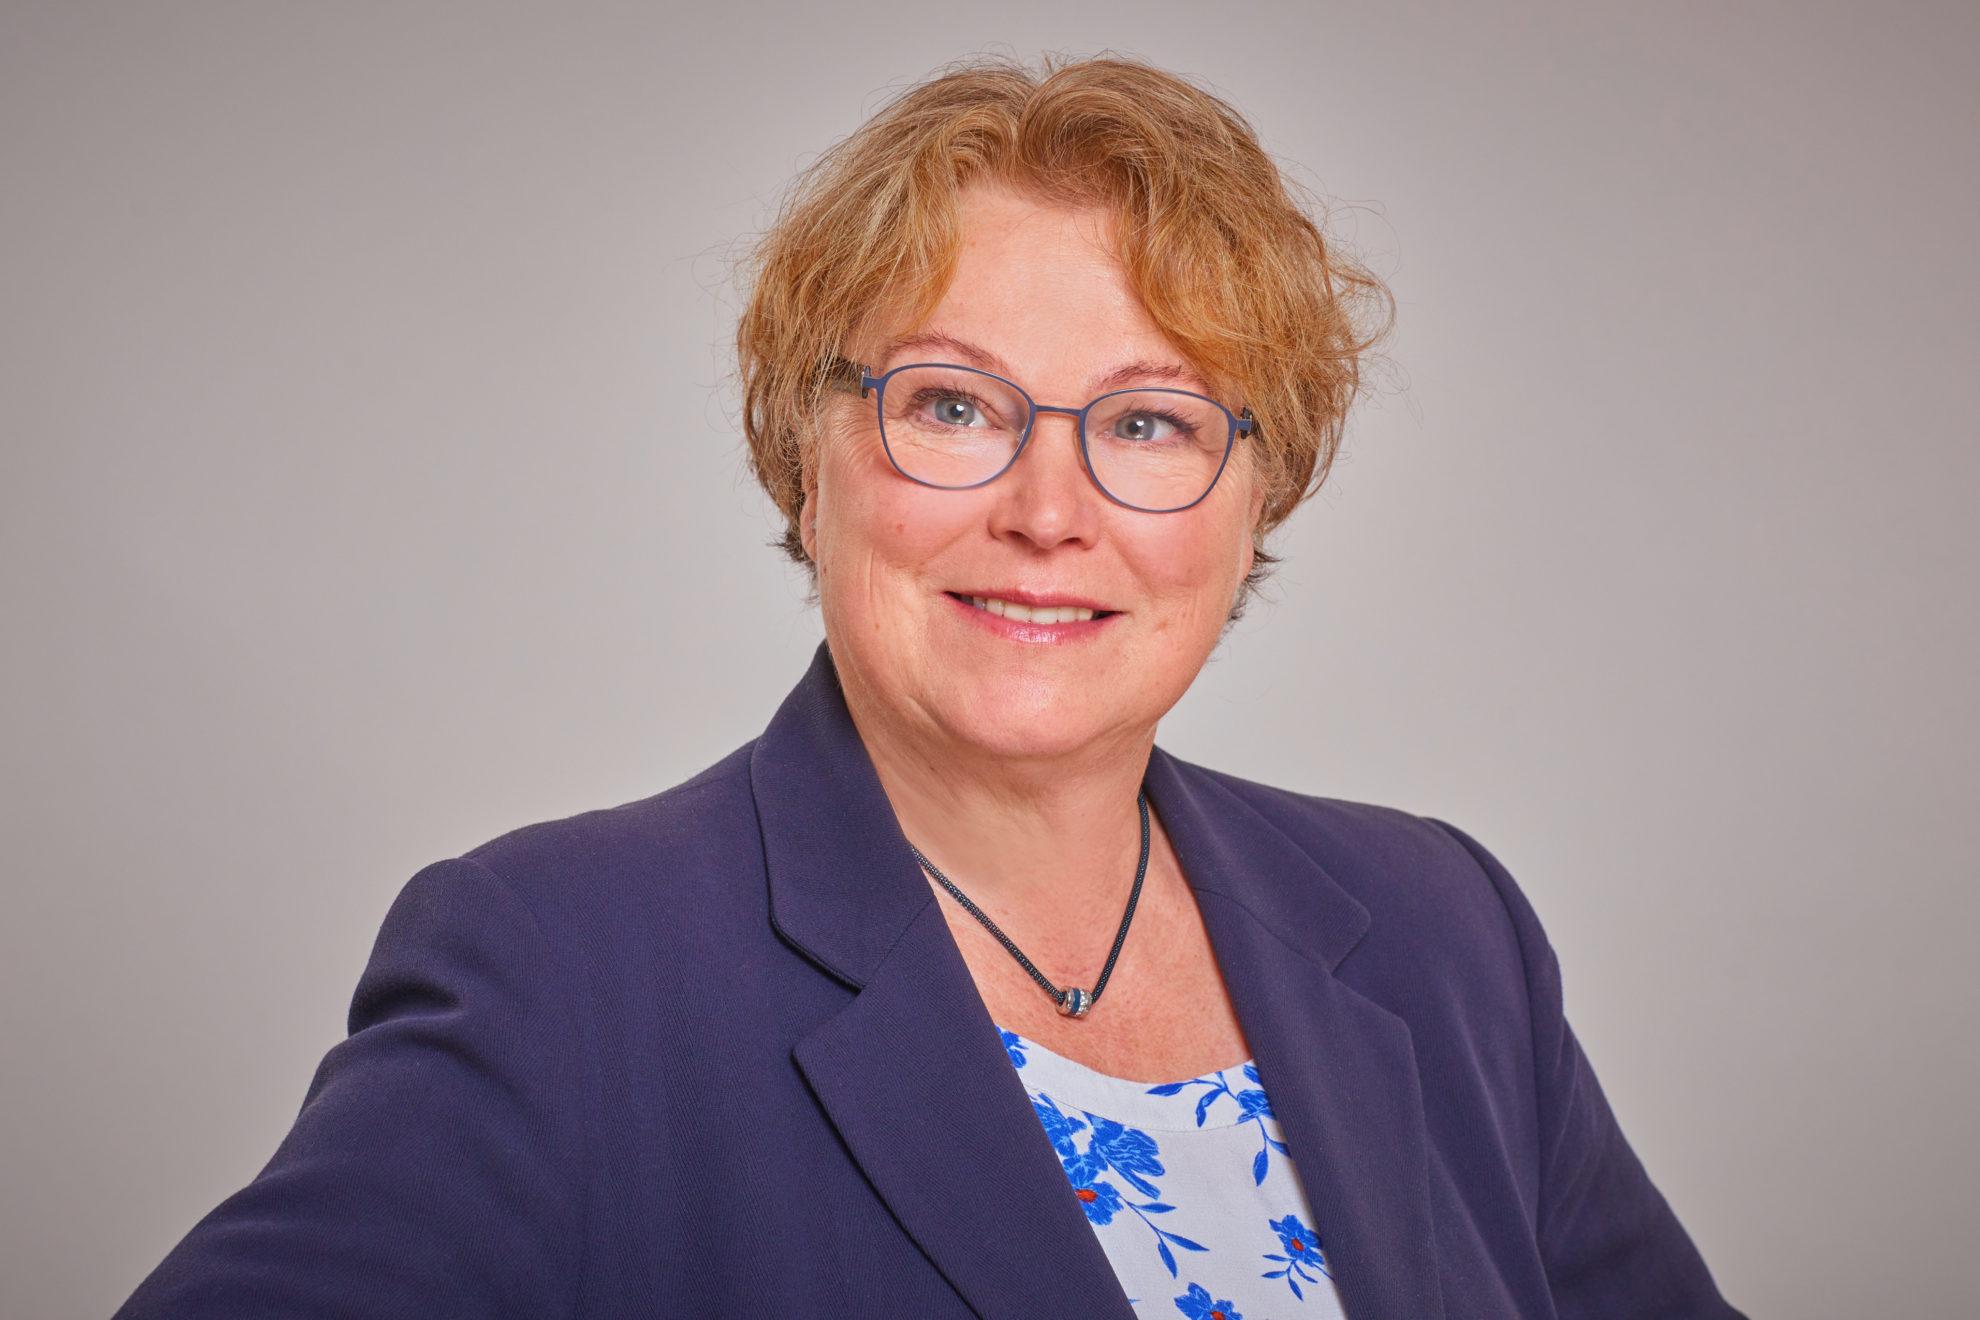 Gudrun Glaser